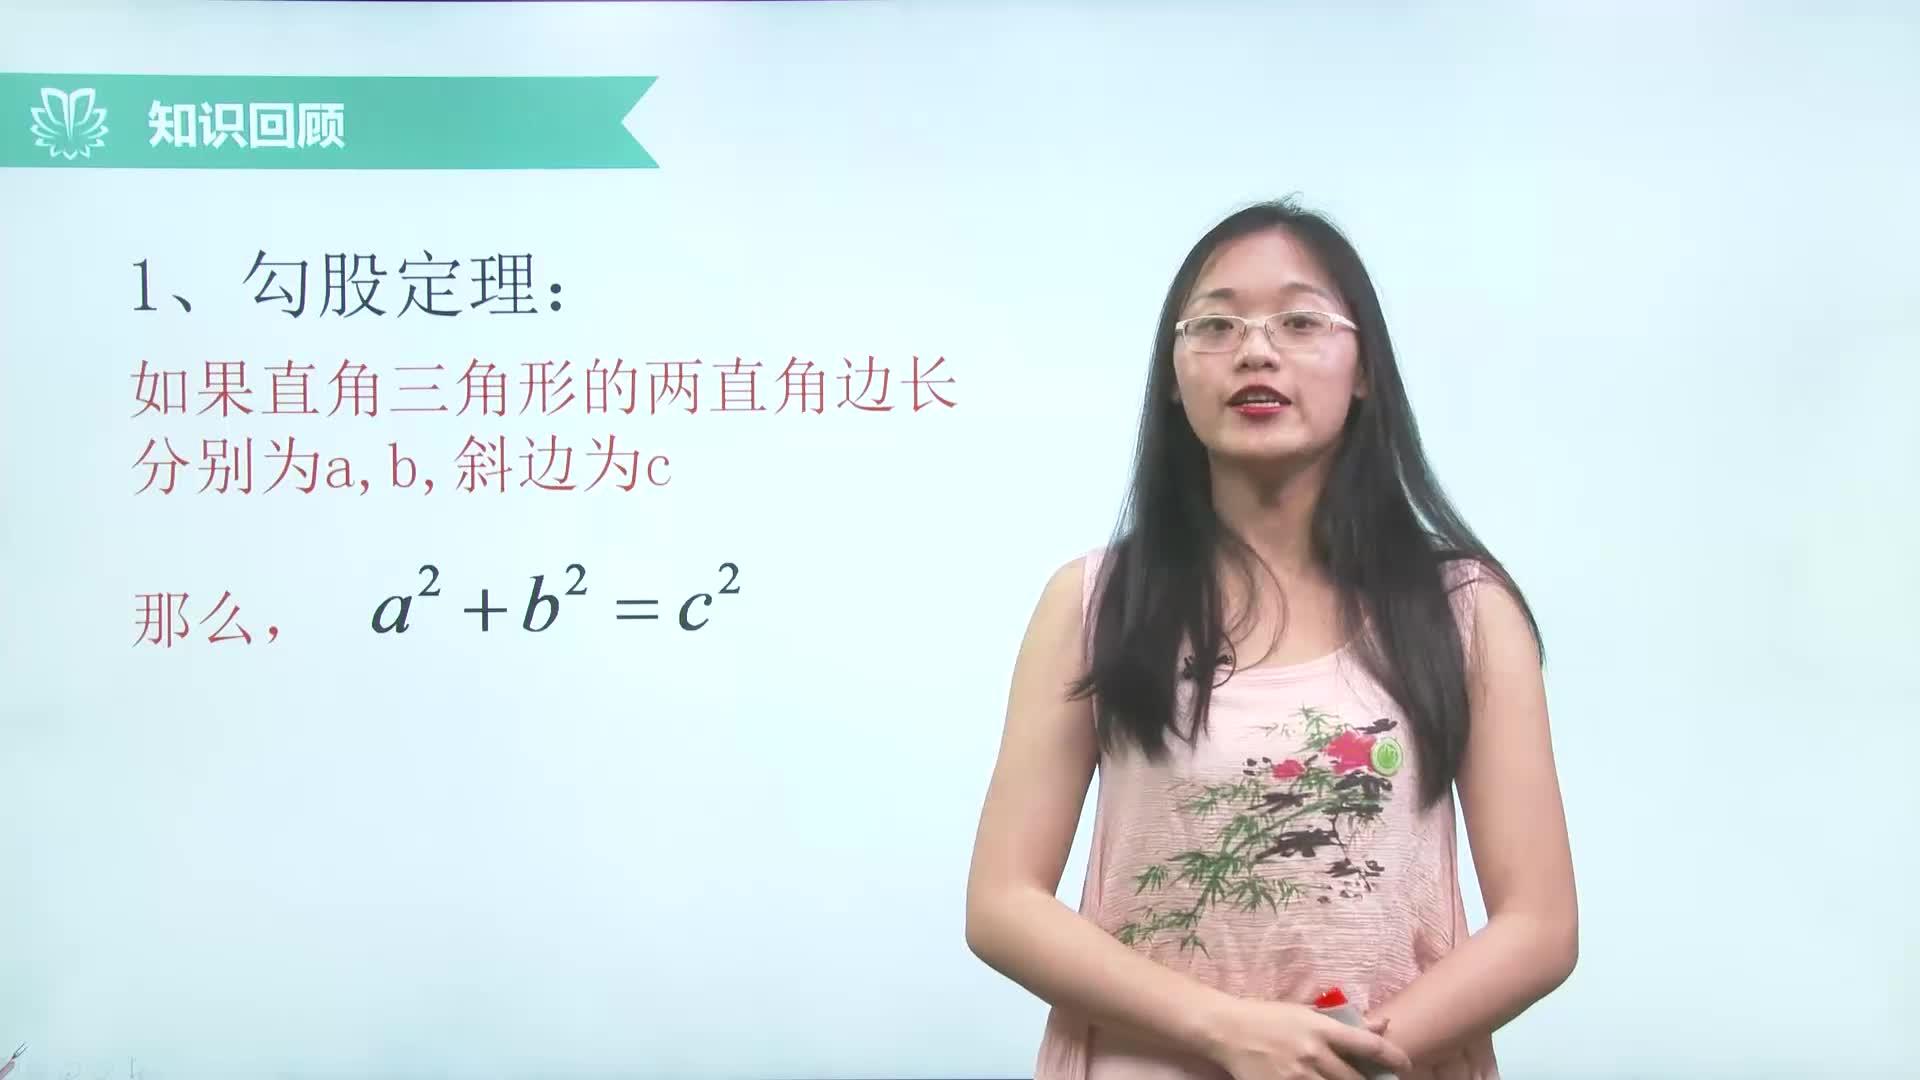 视频17.1勾股定理(2)勾股定理的实际应用-【慕联】初中完全同步系列人教版数学八年级下册